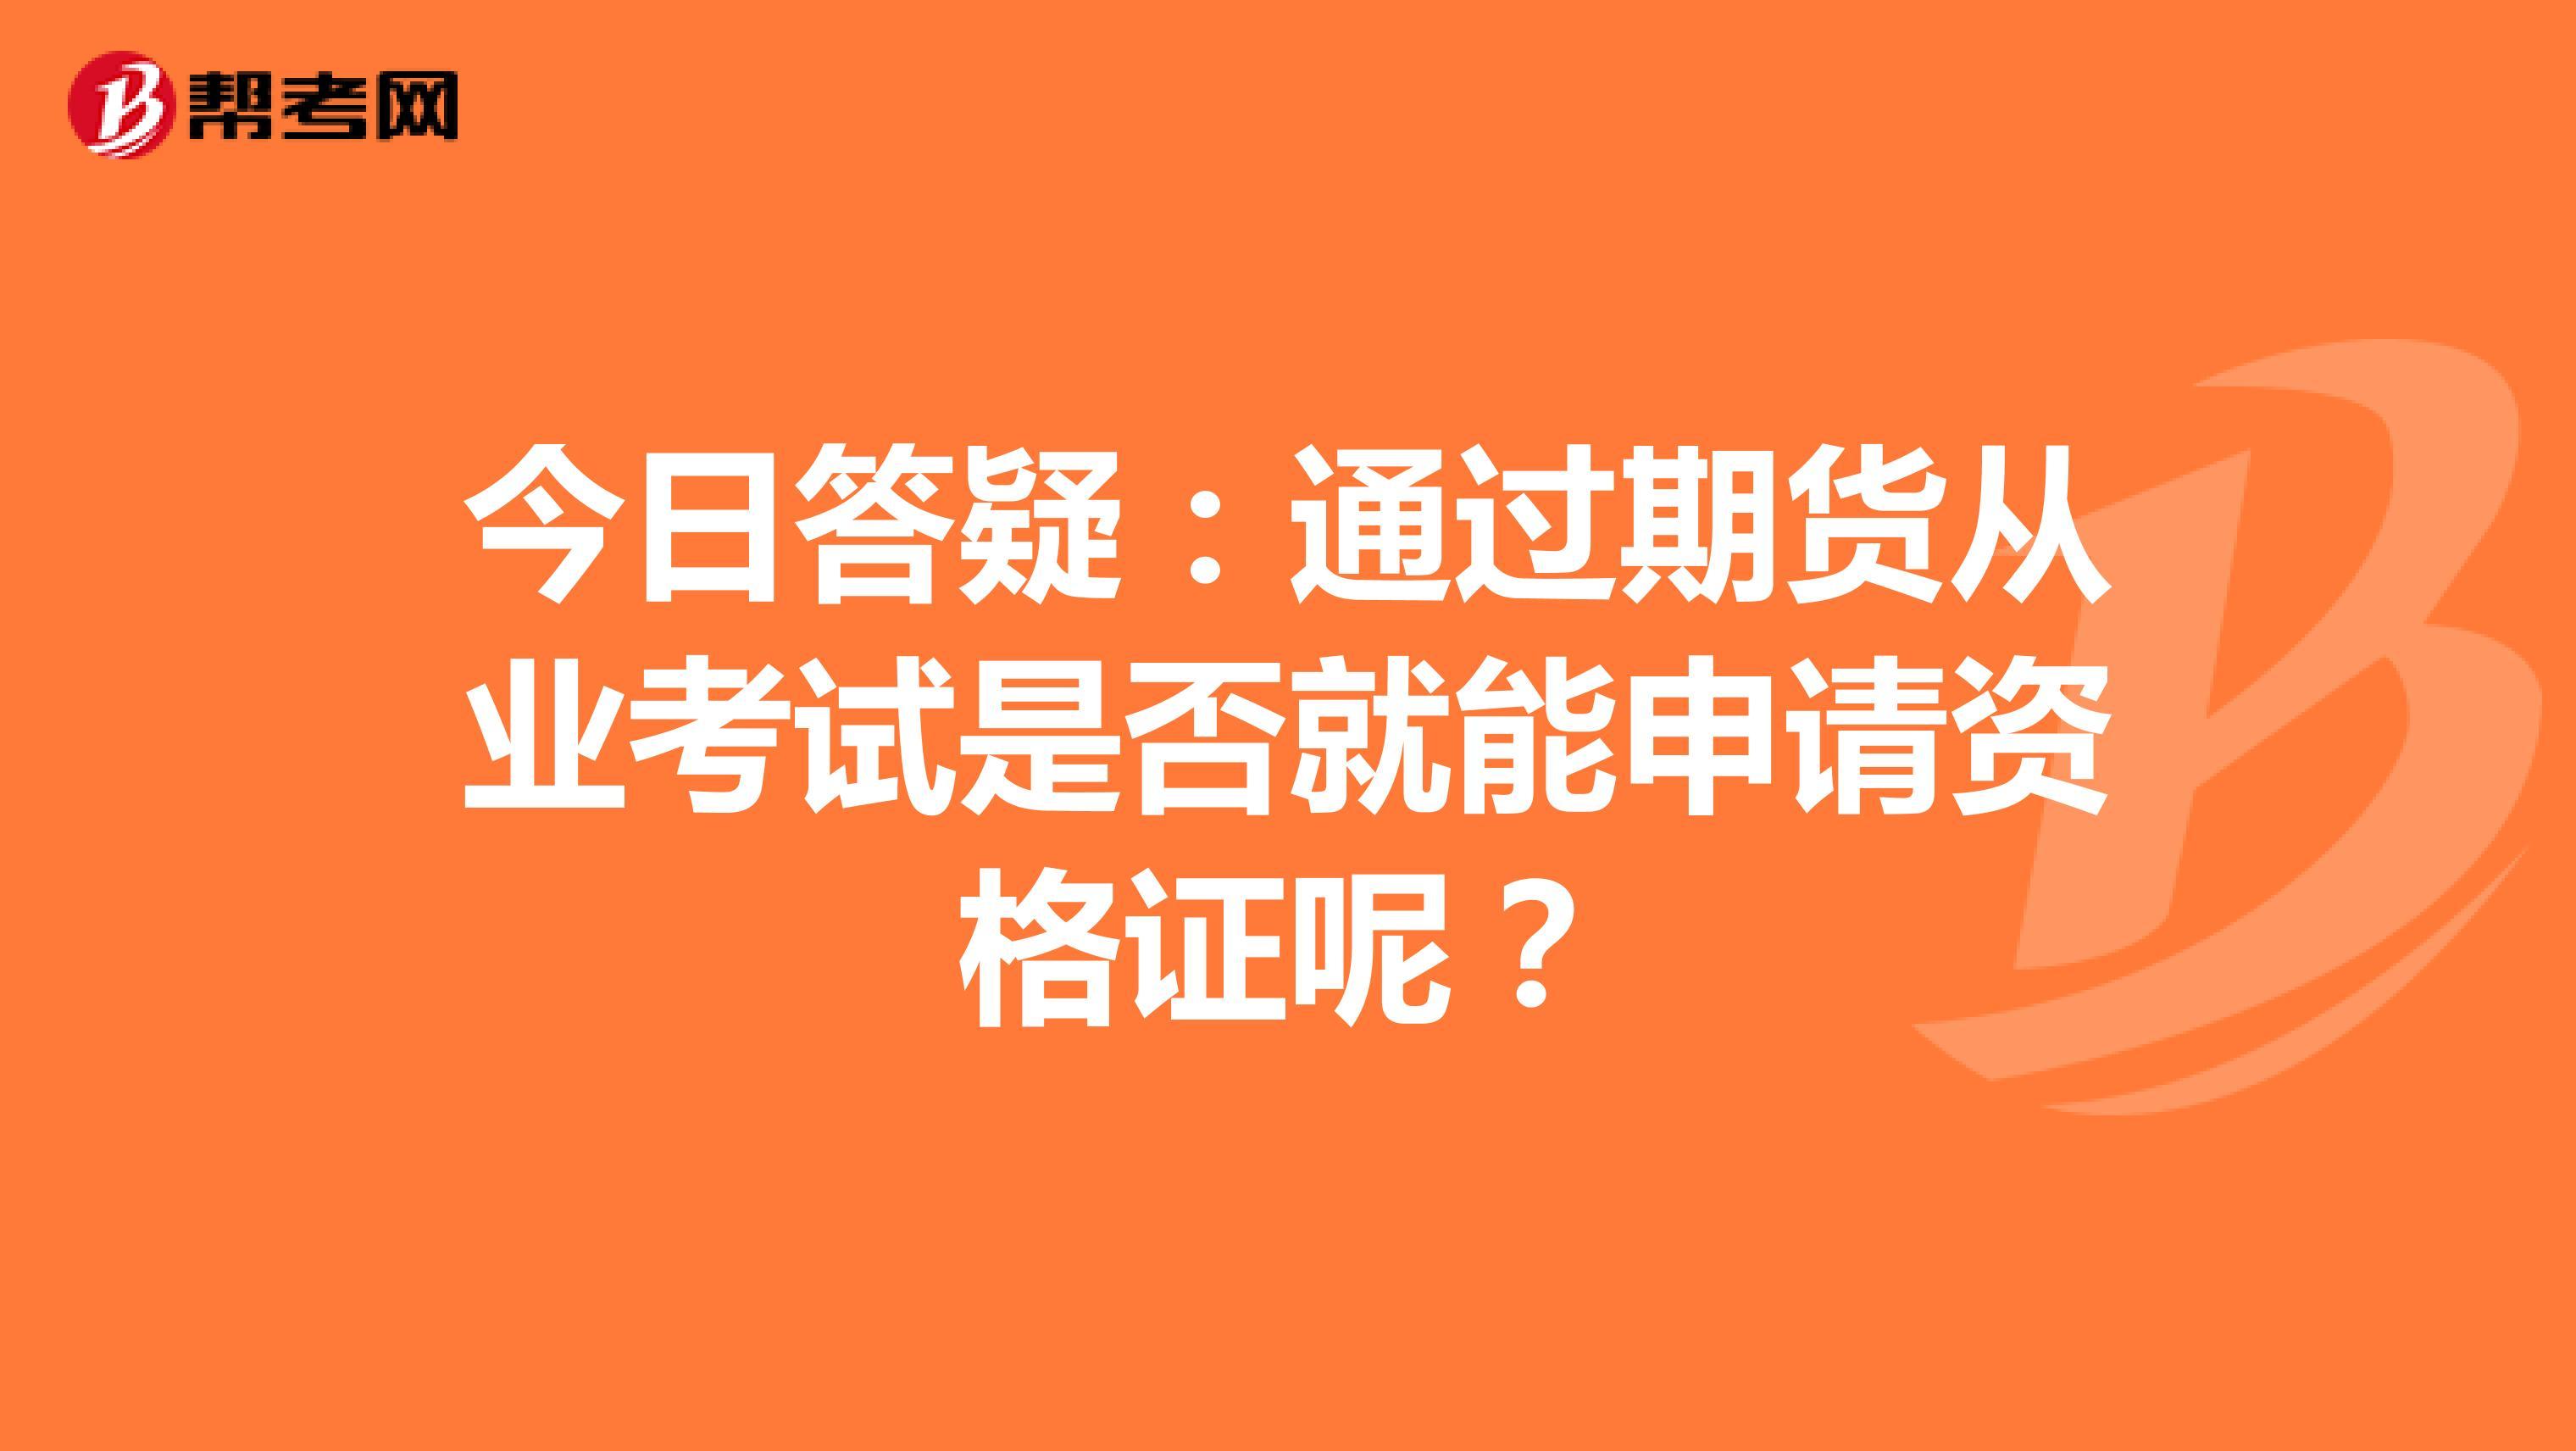 今日答疑:通过期货从业考试是否就能申请资格证呢?